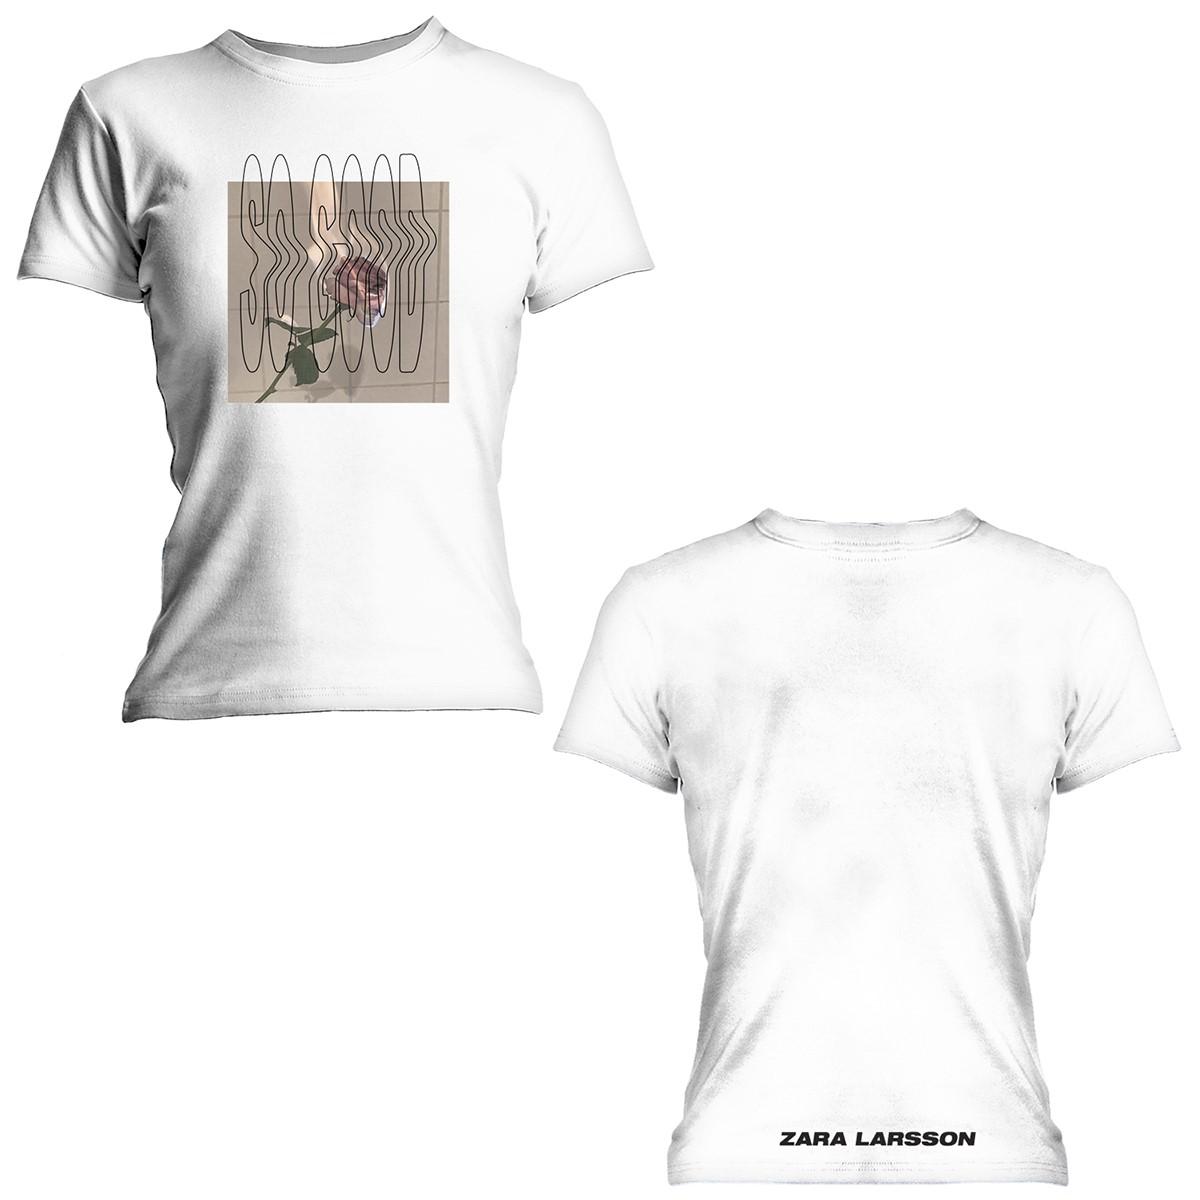 Rose/ So Good - White Tee - Zara Larsson